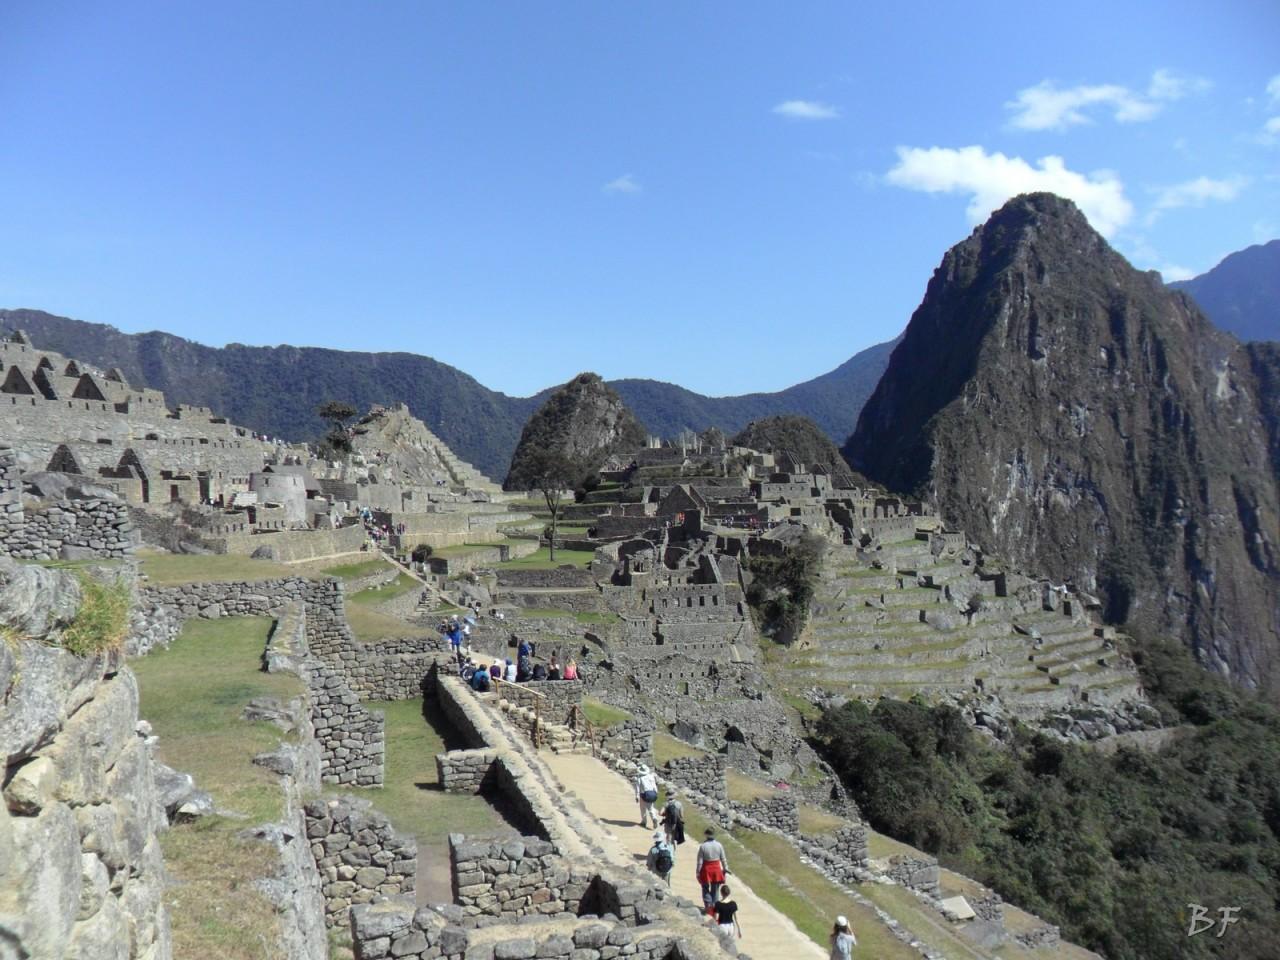 Mura-Poligonali-Incisioni-Altari-Edifici-Rupestri-Megaliti-Machu-Picchu-Aguas-Calientes-Urubamba-Cusco-Perù-7